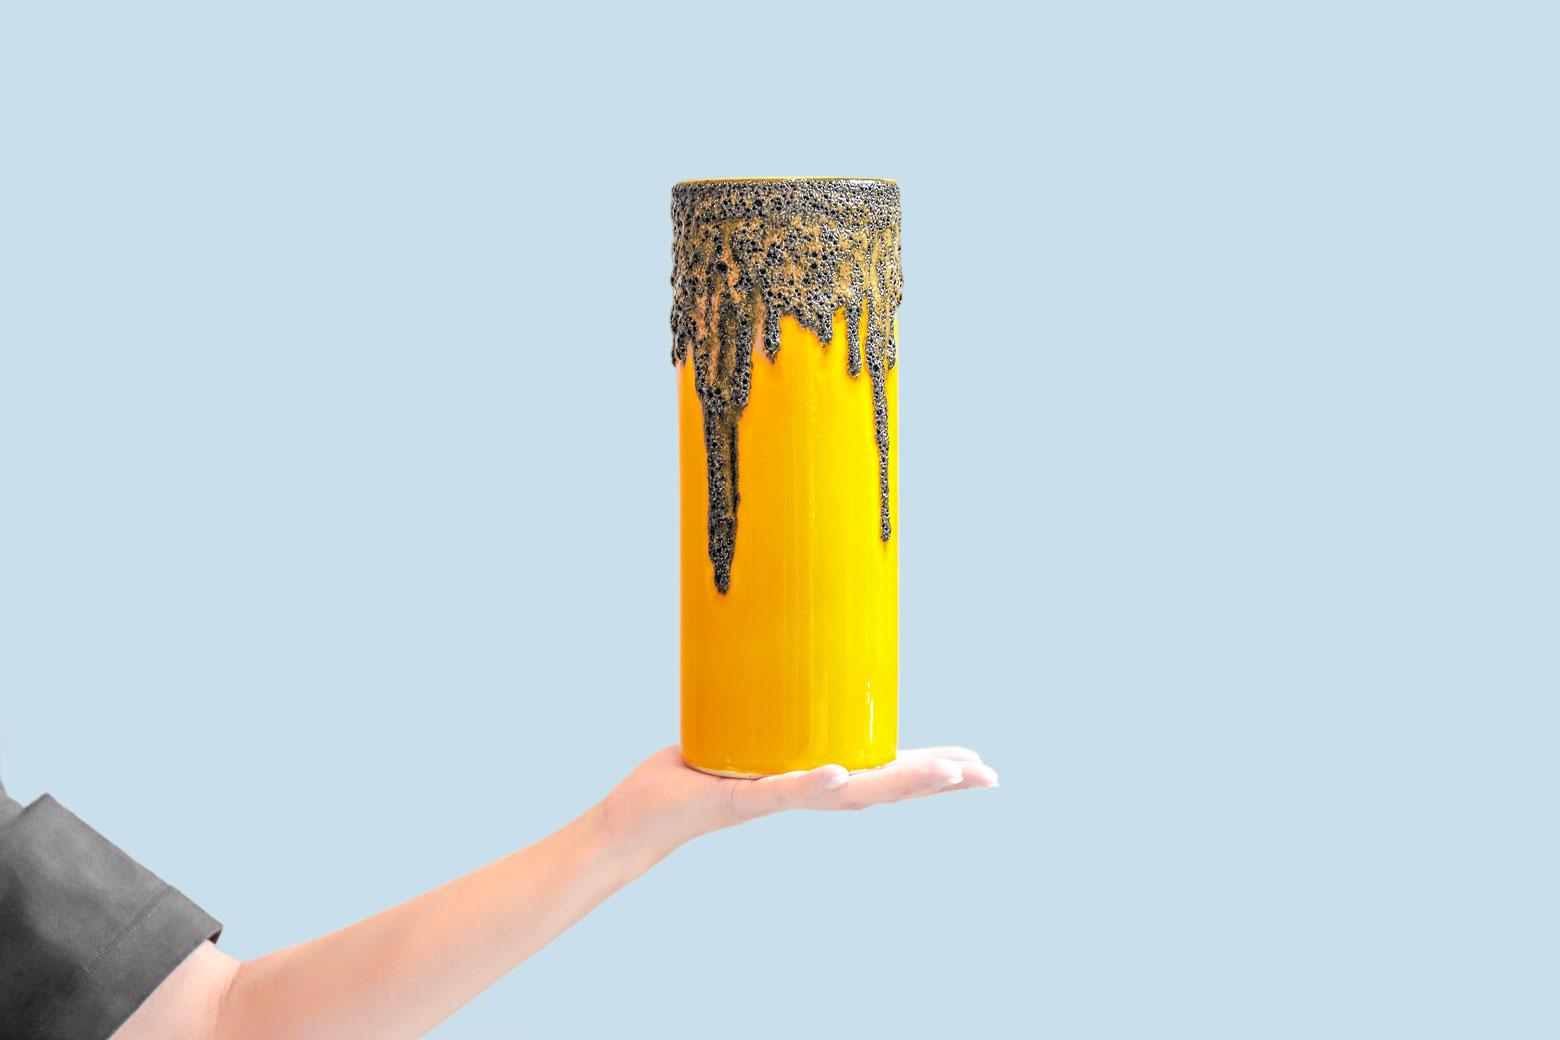 """1950〜70年代、西ドイツで作られていた""""Fat Lava/ファット ラヴァ""""の技法を使った陶器。 fat=脂肪、lava=溶岩、というその名の通り火山から流れ出る溶岩のように分厚くべっとりとかけられた釉薬が特徴です。 こちらのRiffarth Keramik製の花瓶は、マスタードイエローのベースの上からドロドロと黒い溶岩が流れているようなデザイン。 パッと目を引くようなインパクトがあり、原色系のお花やグリーンがより一層映えそうですね。 もちろんお花を生けずにそのまま飾っても◎ 底に欠けがございますが、製造時からのものと思われます。 その他、細かなキズやスレがございますが、比較的綺麗な状態です。 実はFat Lavaはヨーロッパではコレクターがいるほど人気のアイテム。 どれも奇抜な形や色彩、柄のものがほとんどで、かなりインパクトがありますが、意外にも北欧家具や和家具との相性もバッチリ。 お部屋にアクセントが欲しいスペースにはぜひFat Lavaの花瓶を置いてみてはいかがでしょうか♪ ~【東京都杉並区阿佐ヶ谷北アンティークショップ 古一】 古一/ふるいちでは出張無料買取も行っております。杉並区周辺はもちろん、世田谷区・目黒区・武蔵野市・新宿区等の東京近郊のお見積もりも!ビンテージ家具・インテリア雑貨・ランプ・USED品・ リサイクルなら古一/フルイチへ~"""